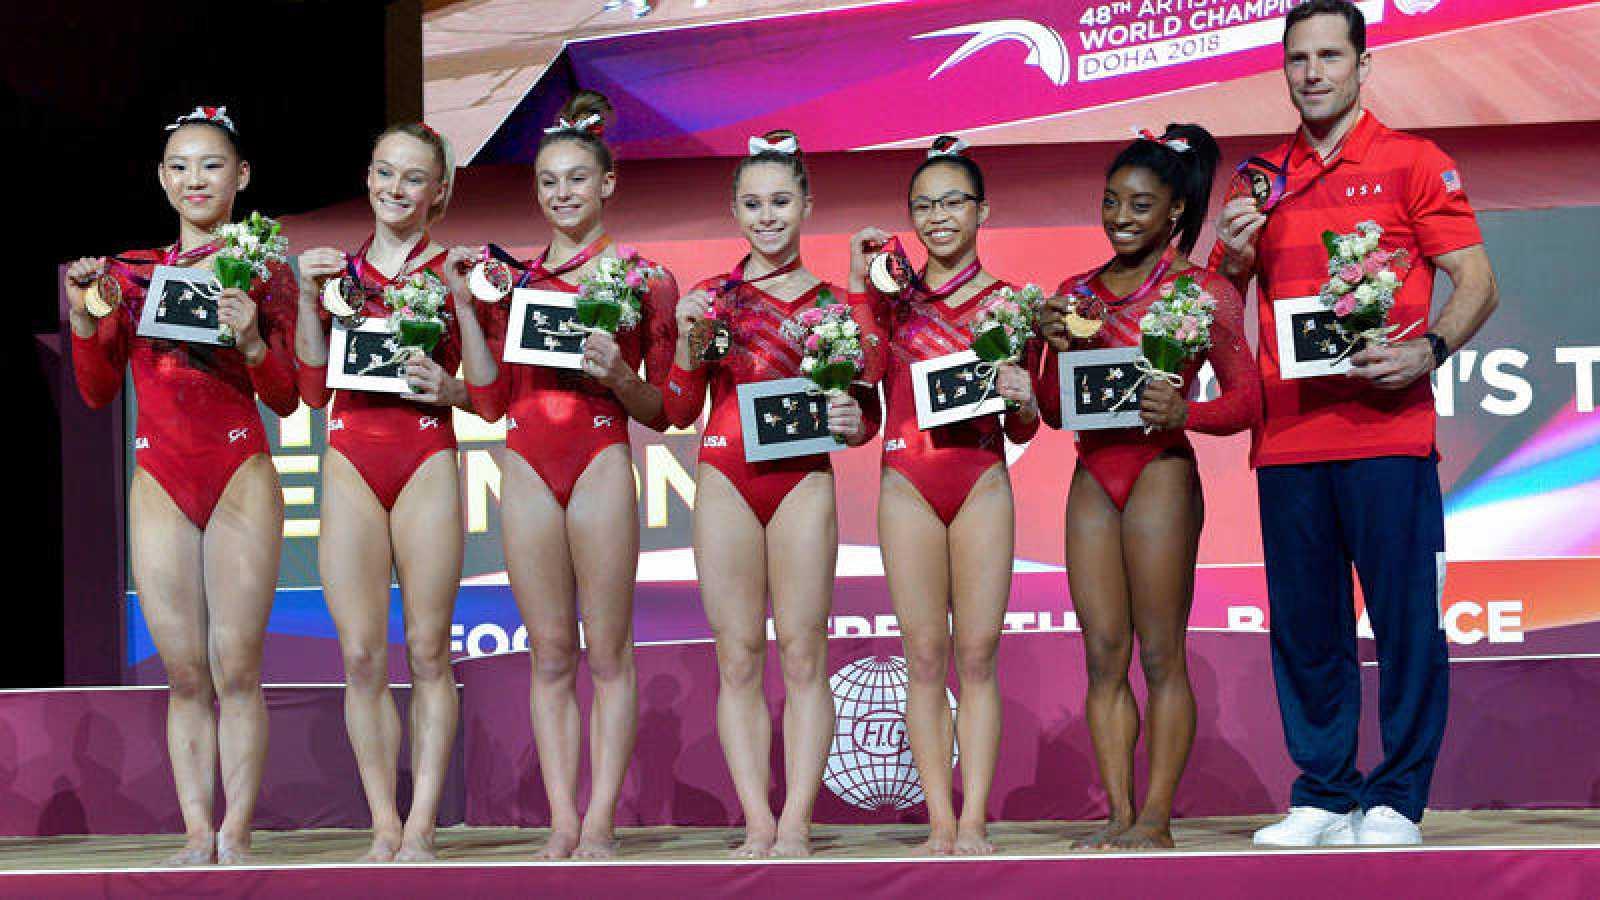 Las gimnastas estadounidenses celebran en el podio tras ganar la medalla de oro en la final femenina por equipos.